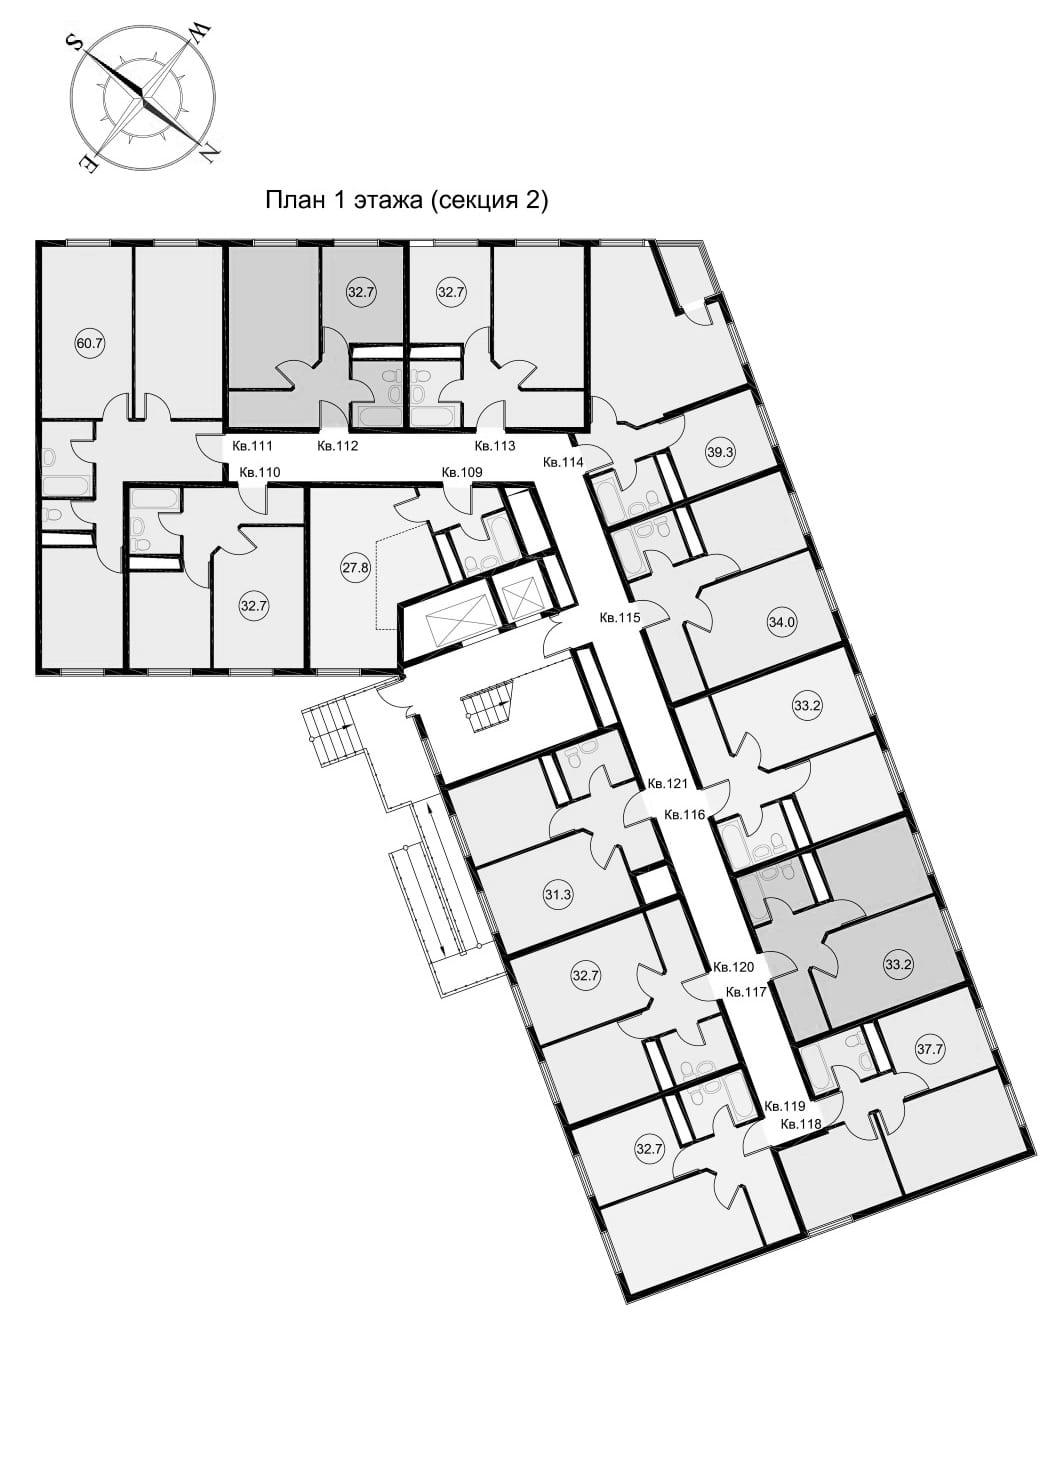 ЖК Звезда Лазаревское - планировка квартир Секция 2 Этаж 1